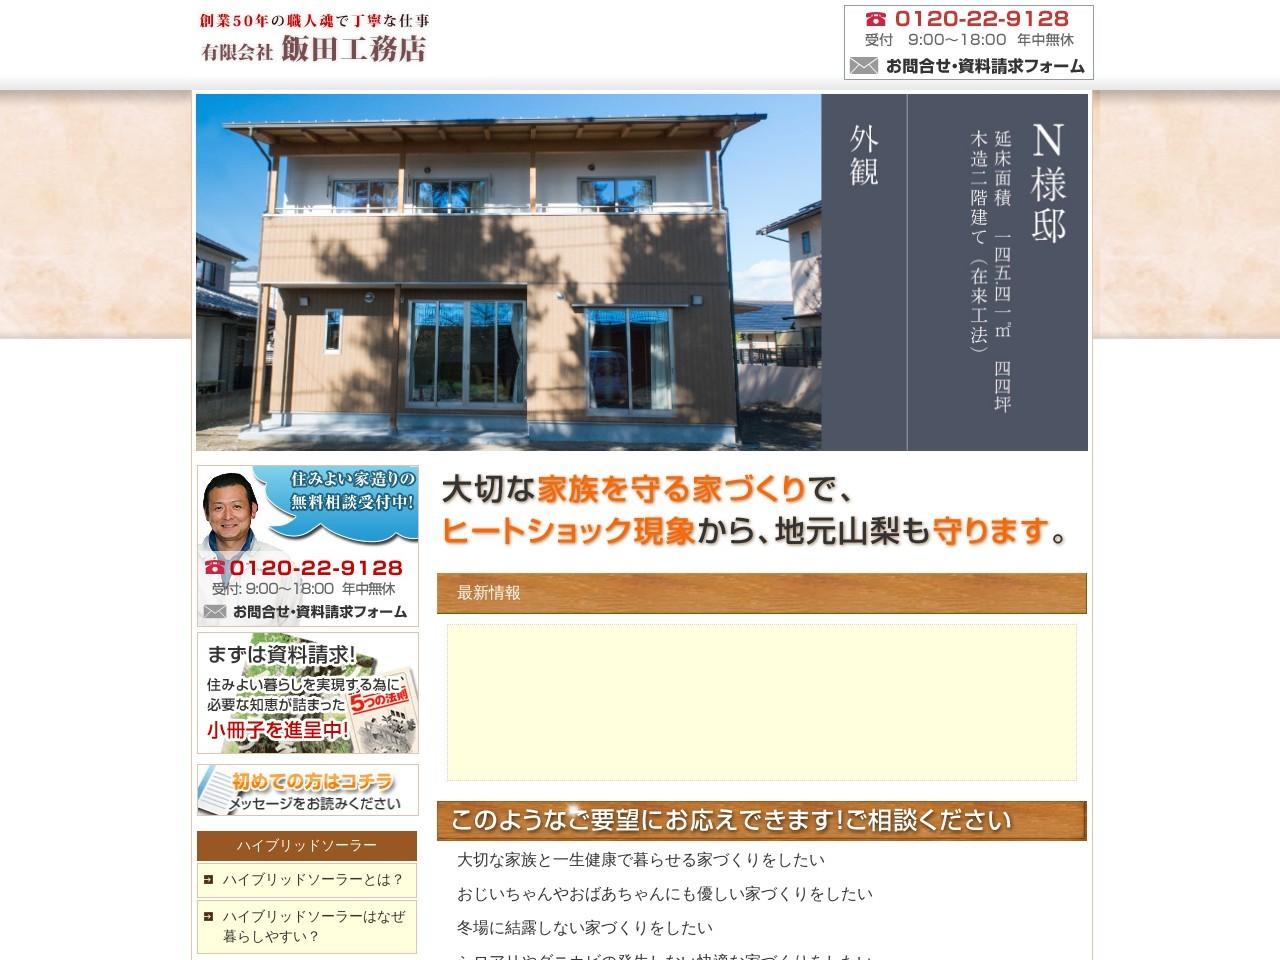 有限会社飯田工務店